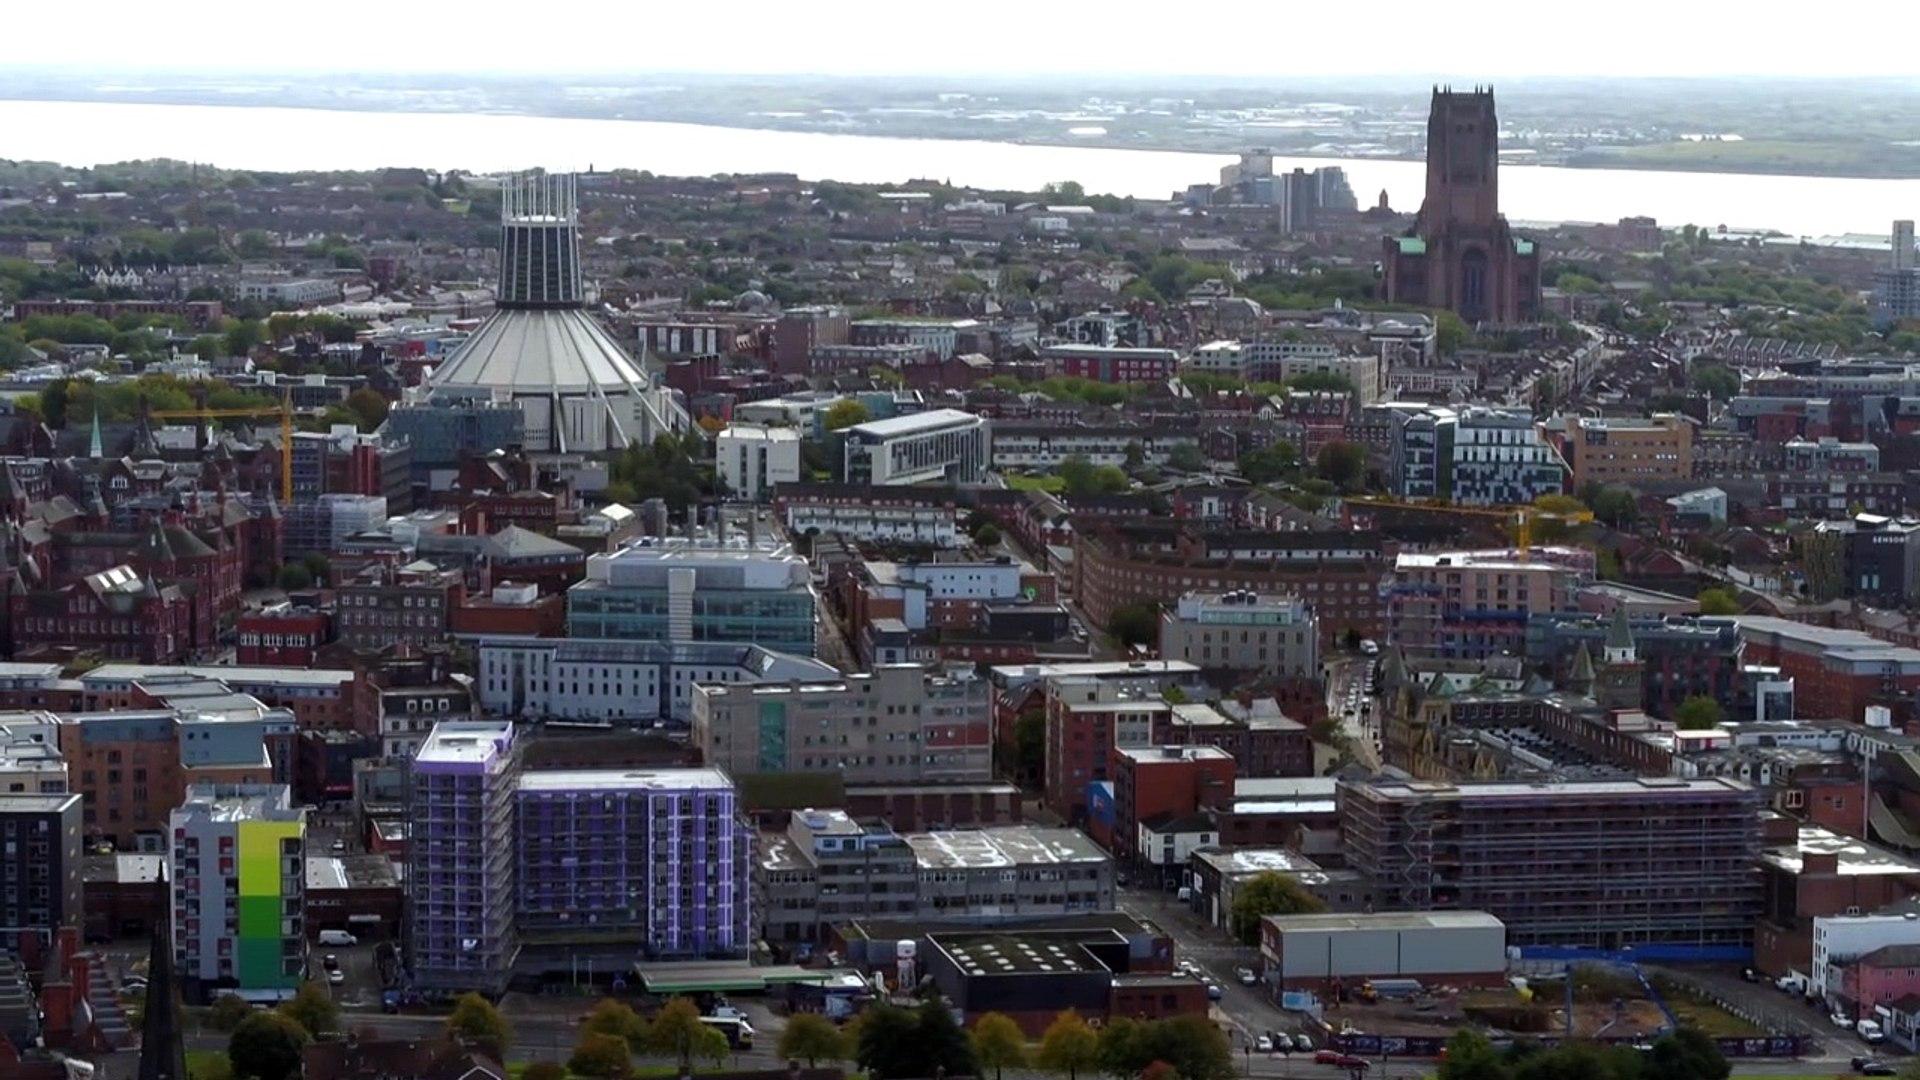 ليفربول تنضم إلى لائحة المدن البريطانية التي تشملها تدابير الإغلاق